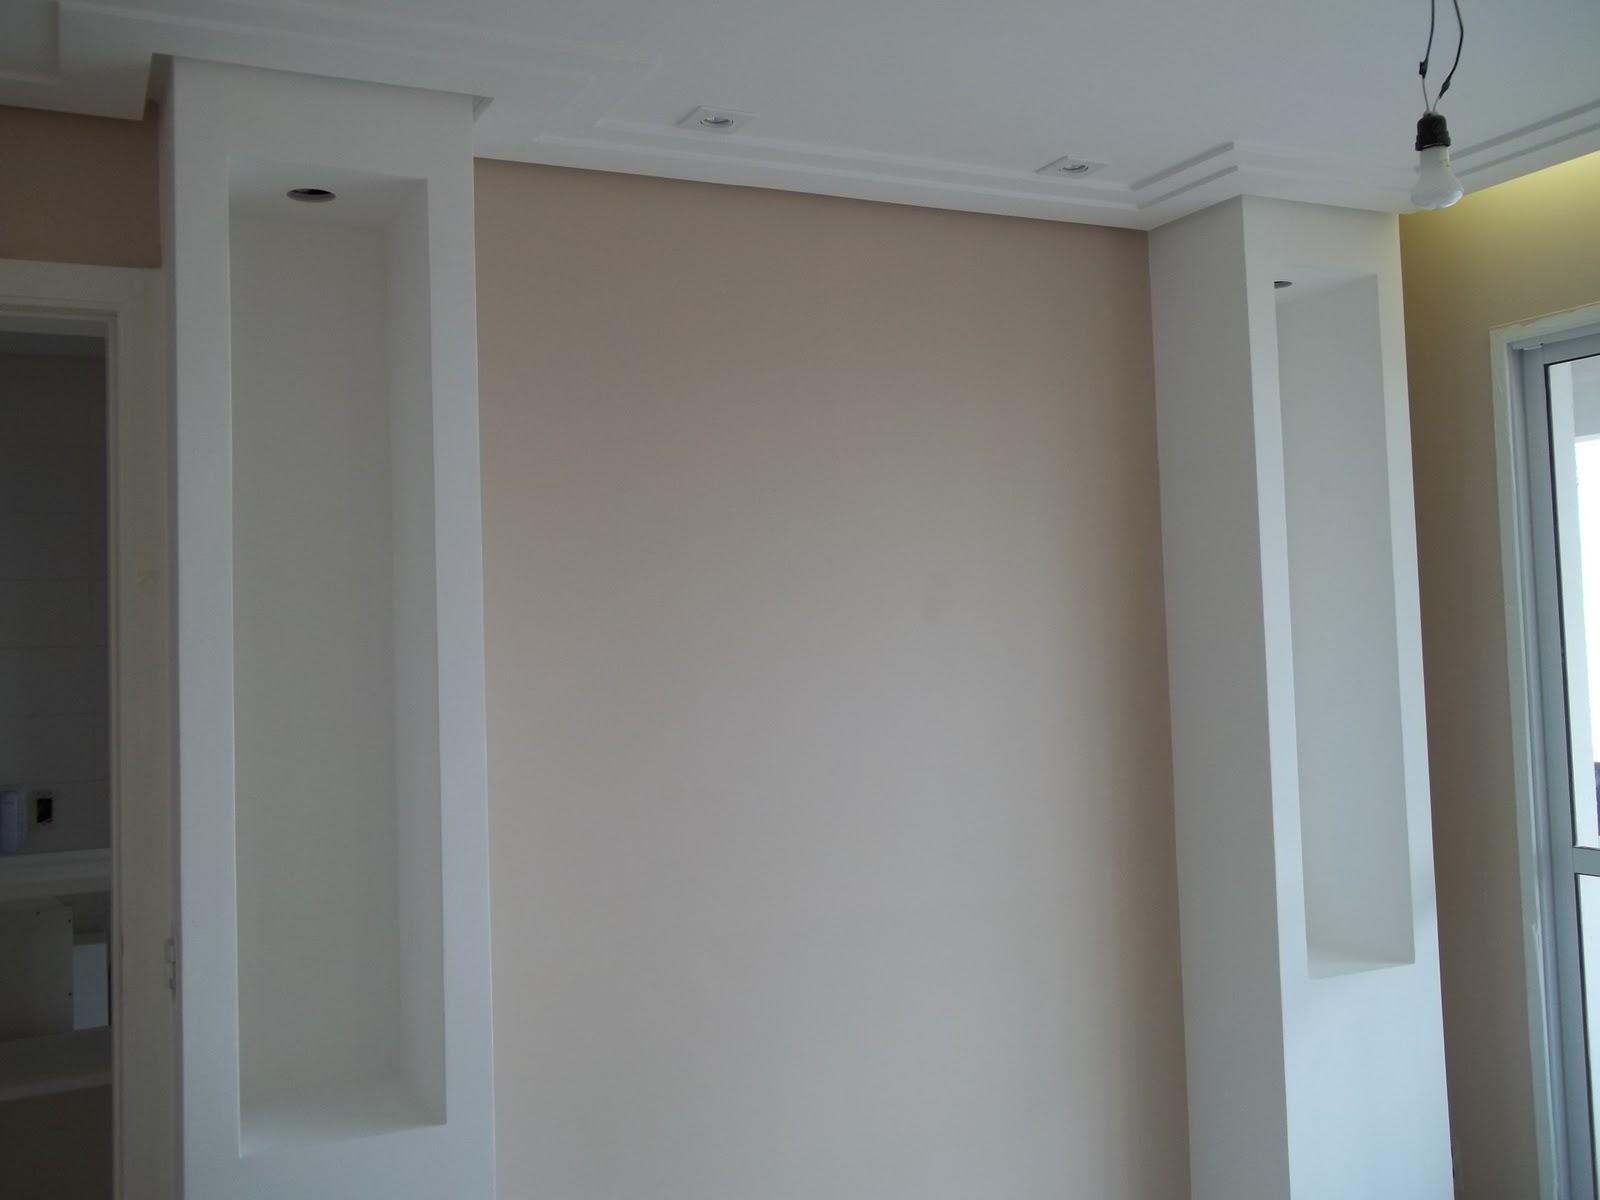 Pruzak Com Sala De Tv Com Painel De Gesso Id Ias Interessantes  -> Acabamento Gesso Sala